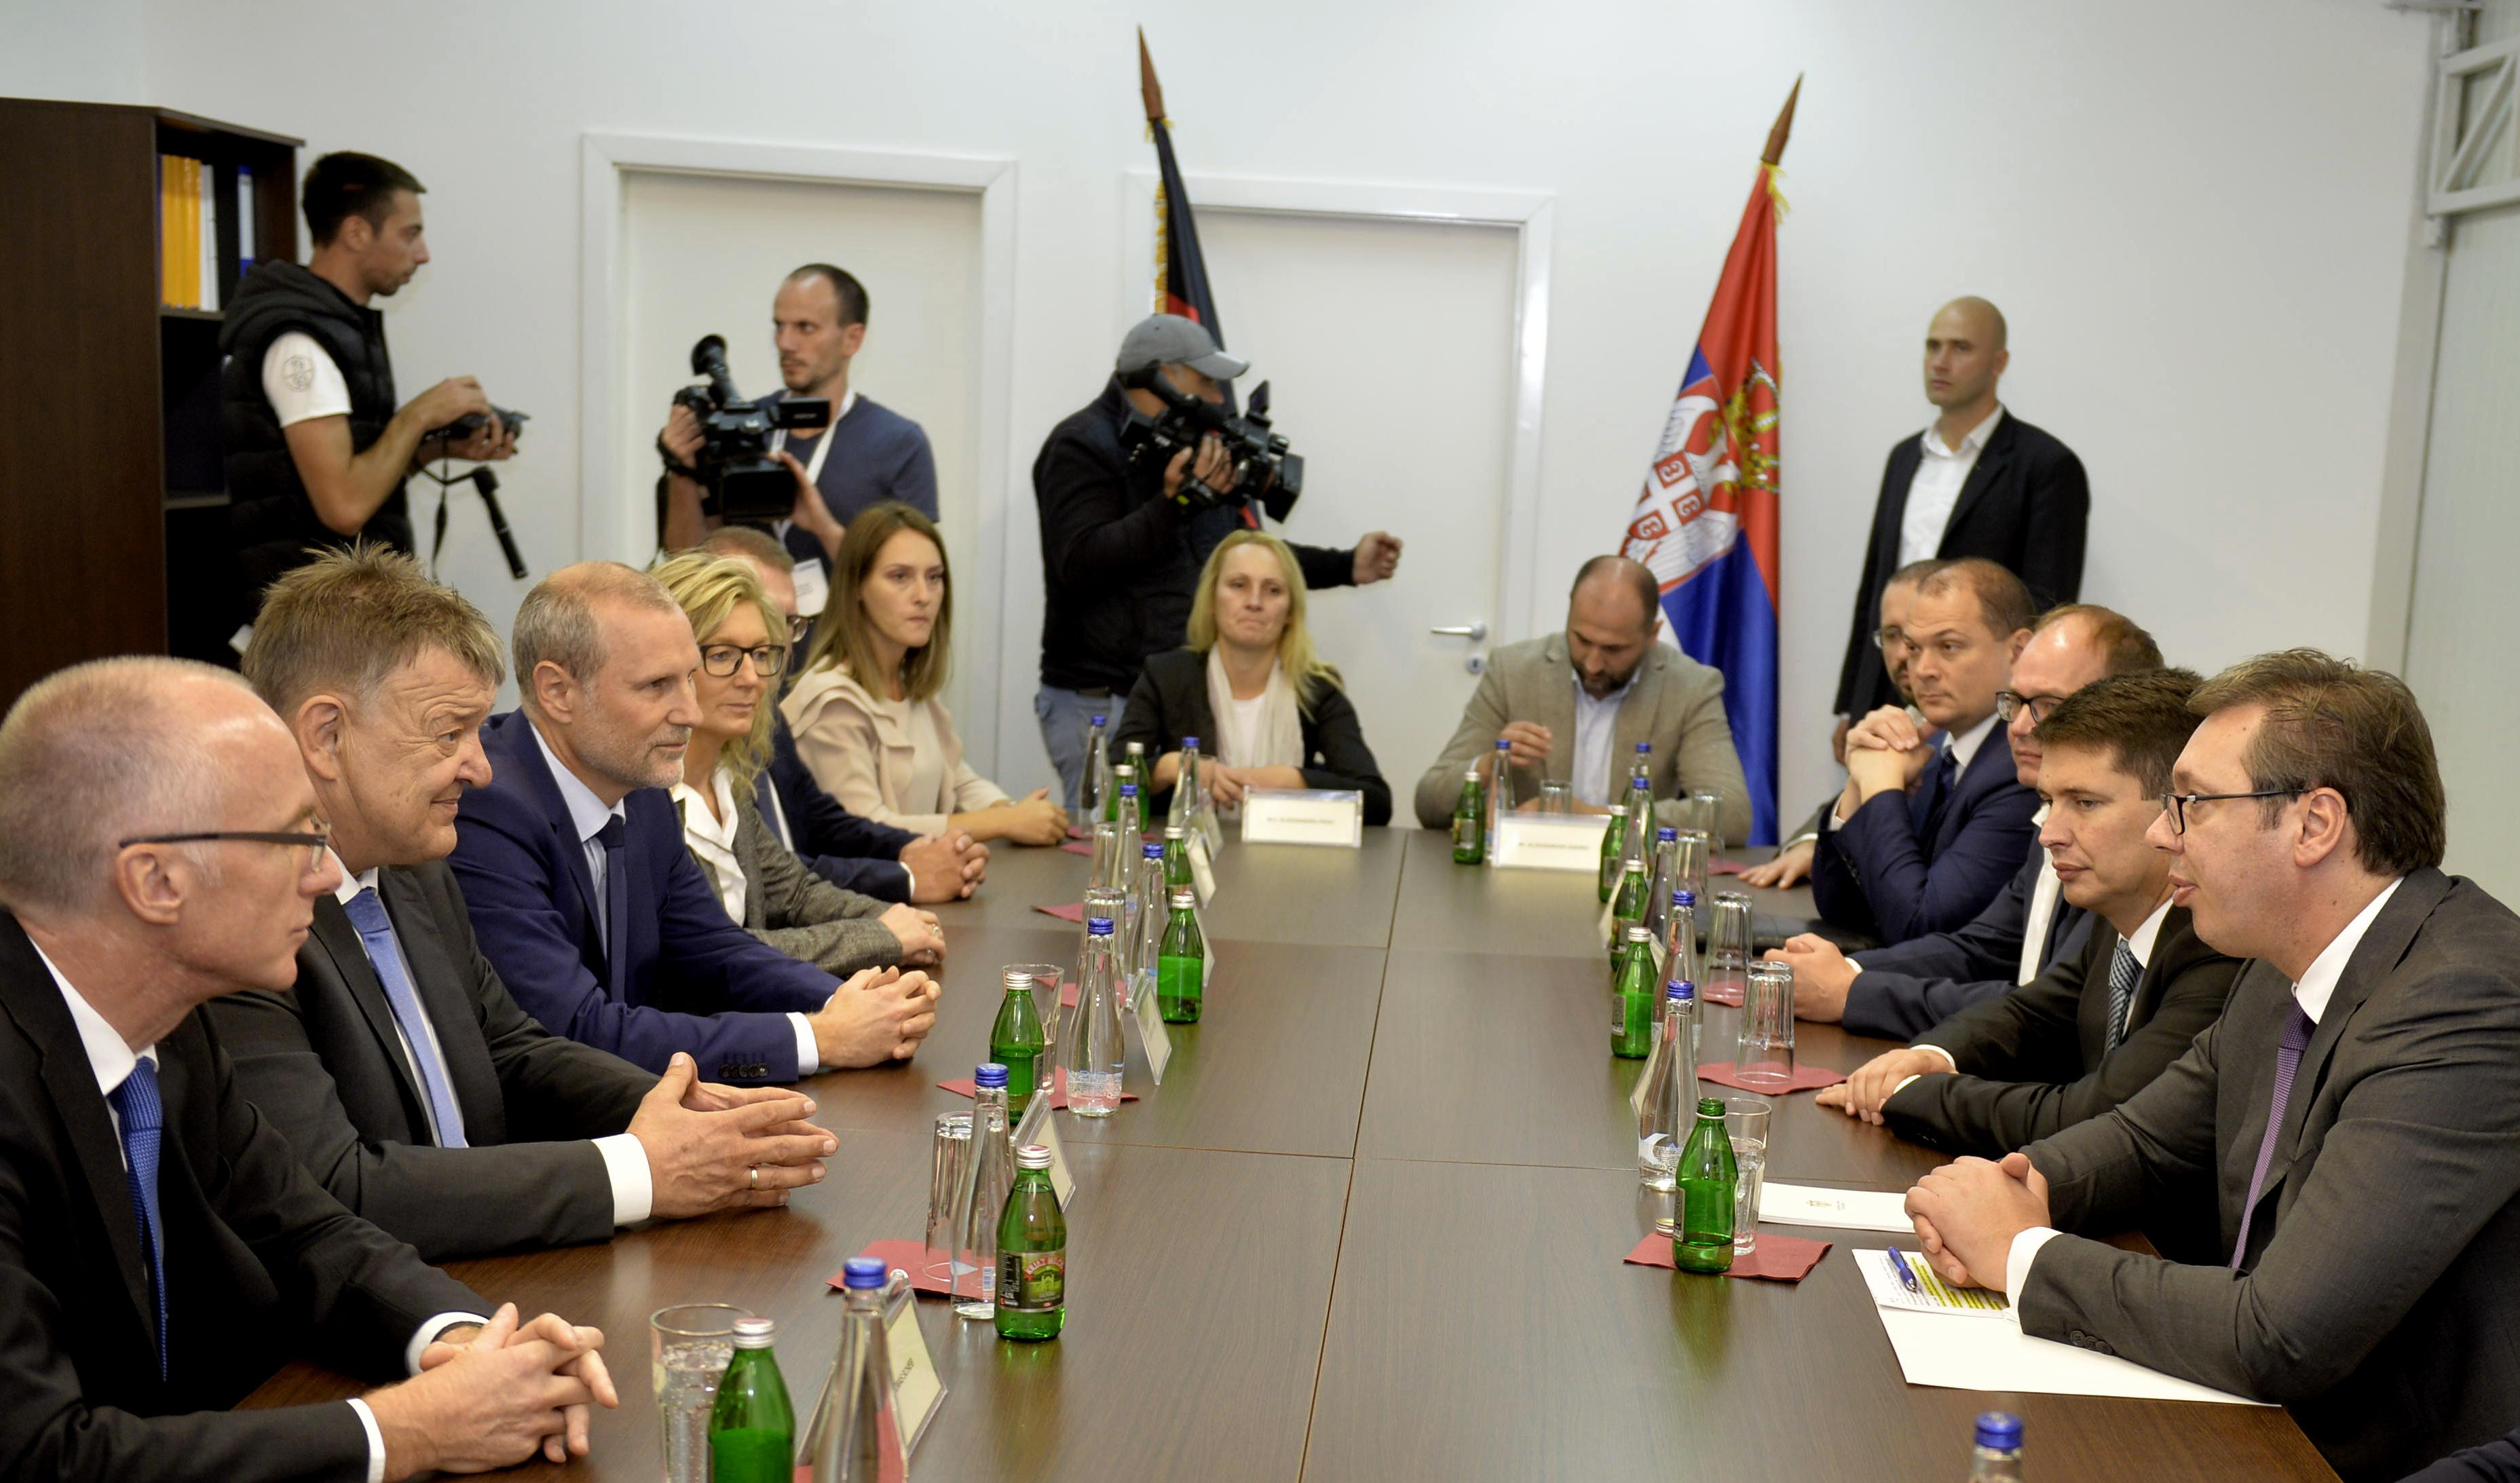 Председник Србије Александар Вучић са представницима компаније Леони